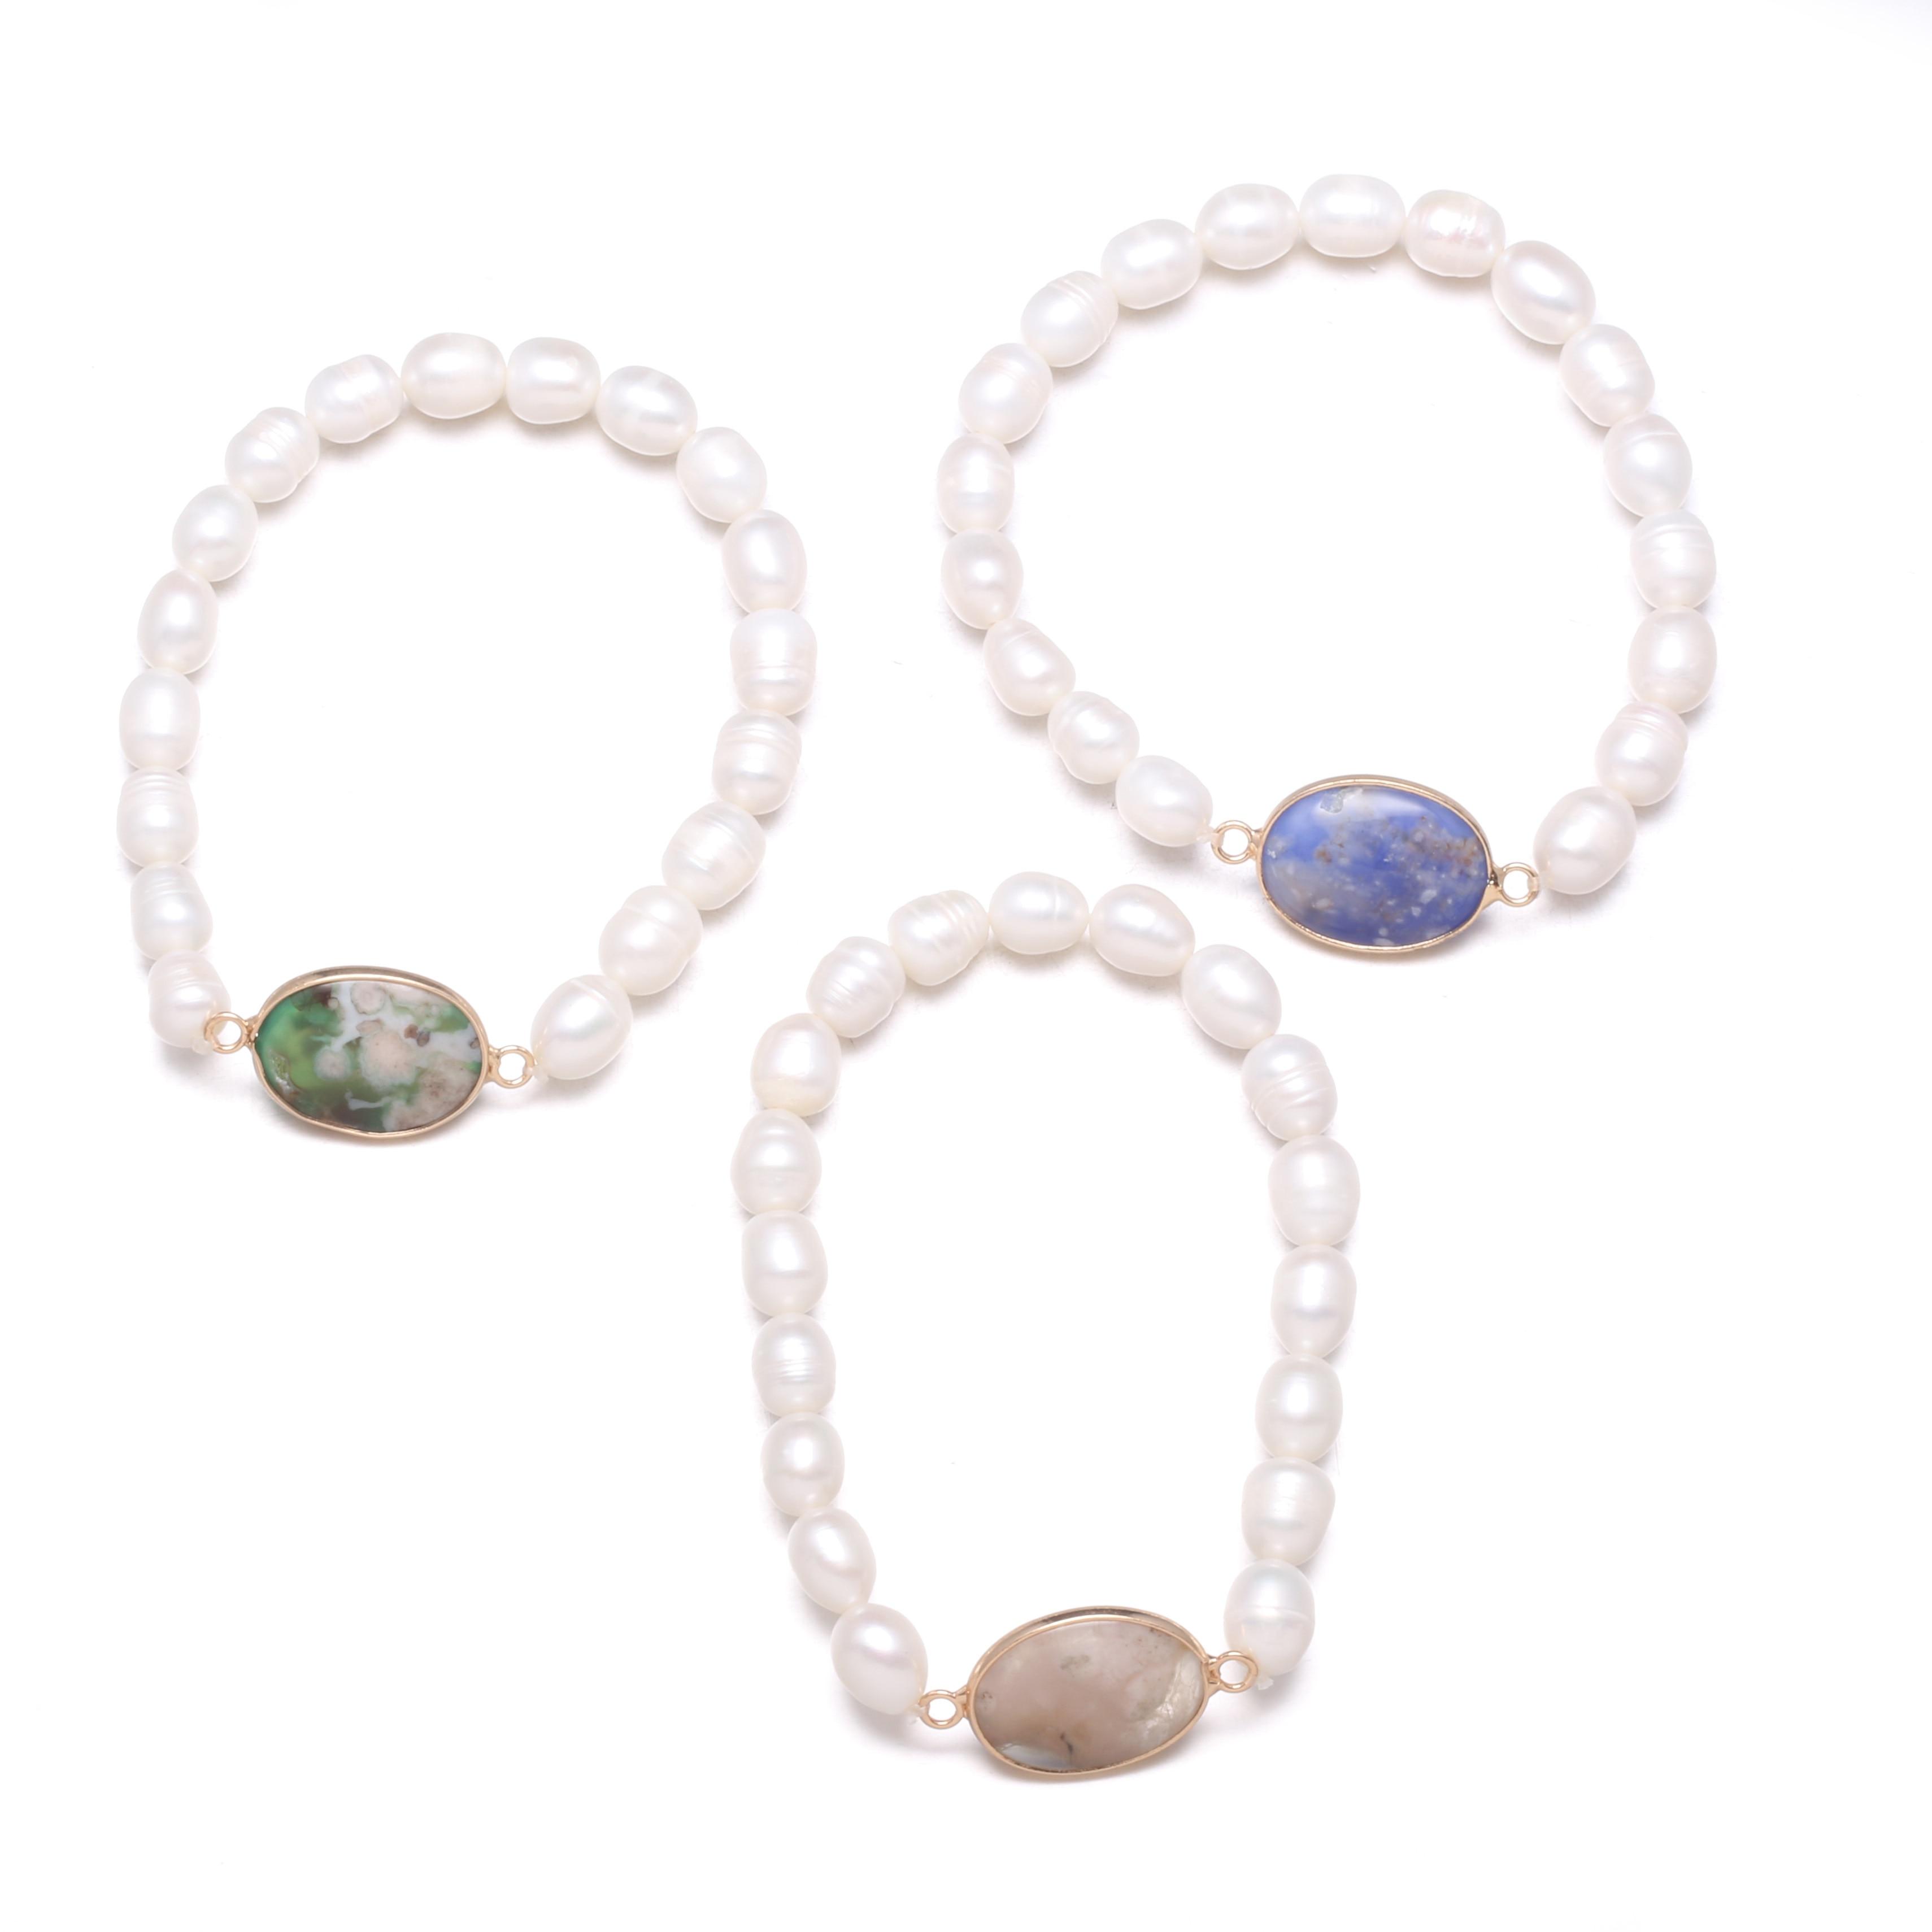 Regalo favorito de las muchachas convergentes de la piedra de la Pulsera de Perlas Naturales para los regalos del aniversario del encanto de las mujeres tamaño 19cm